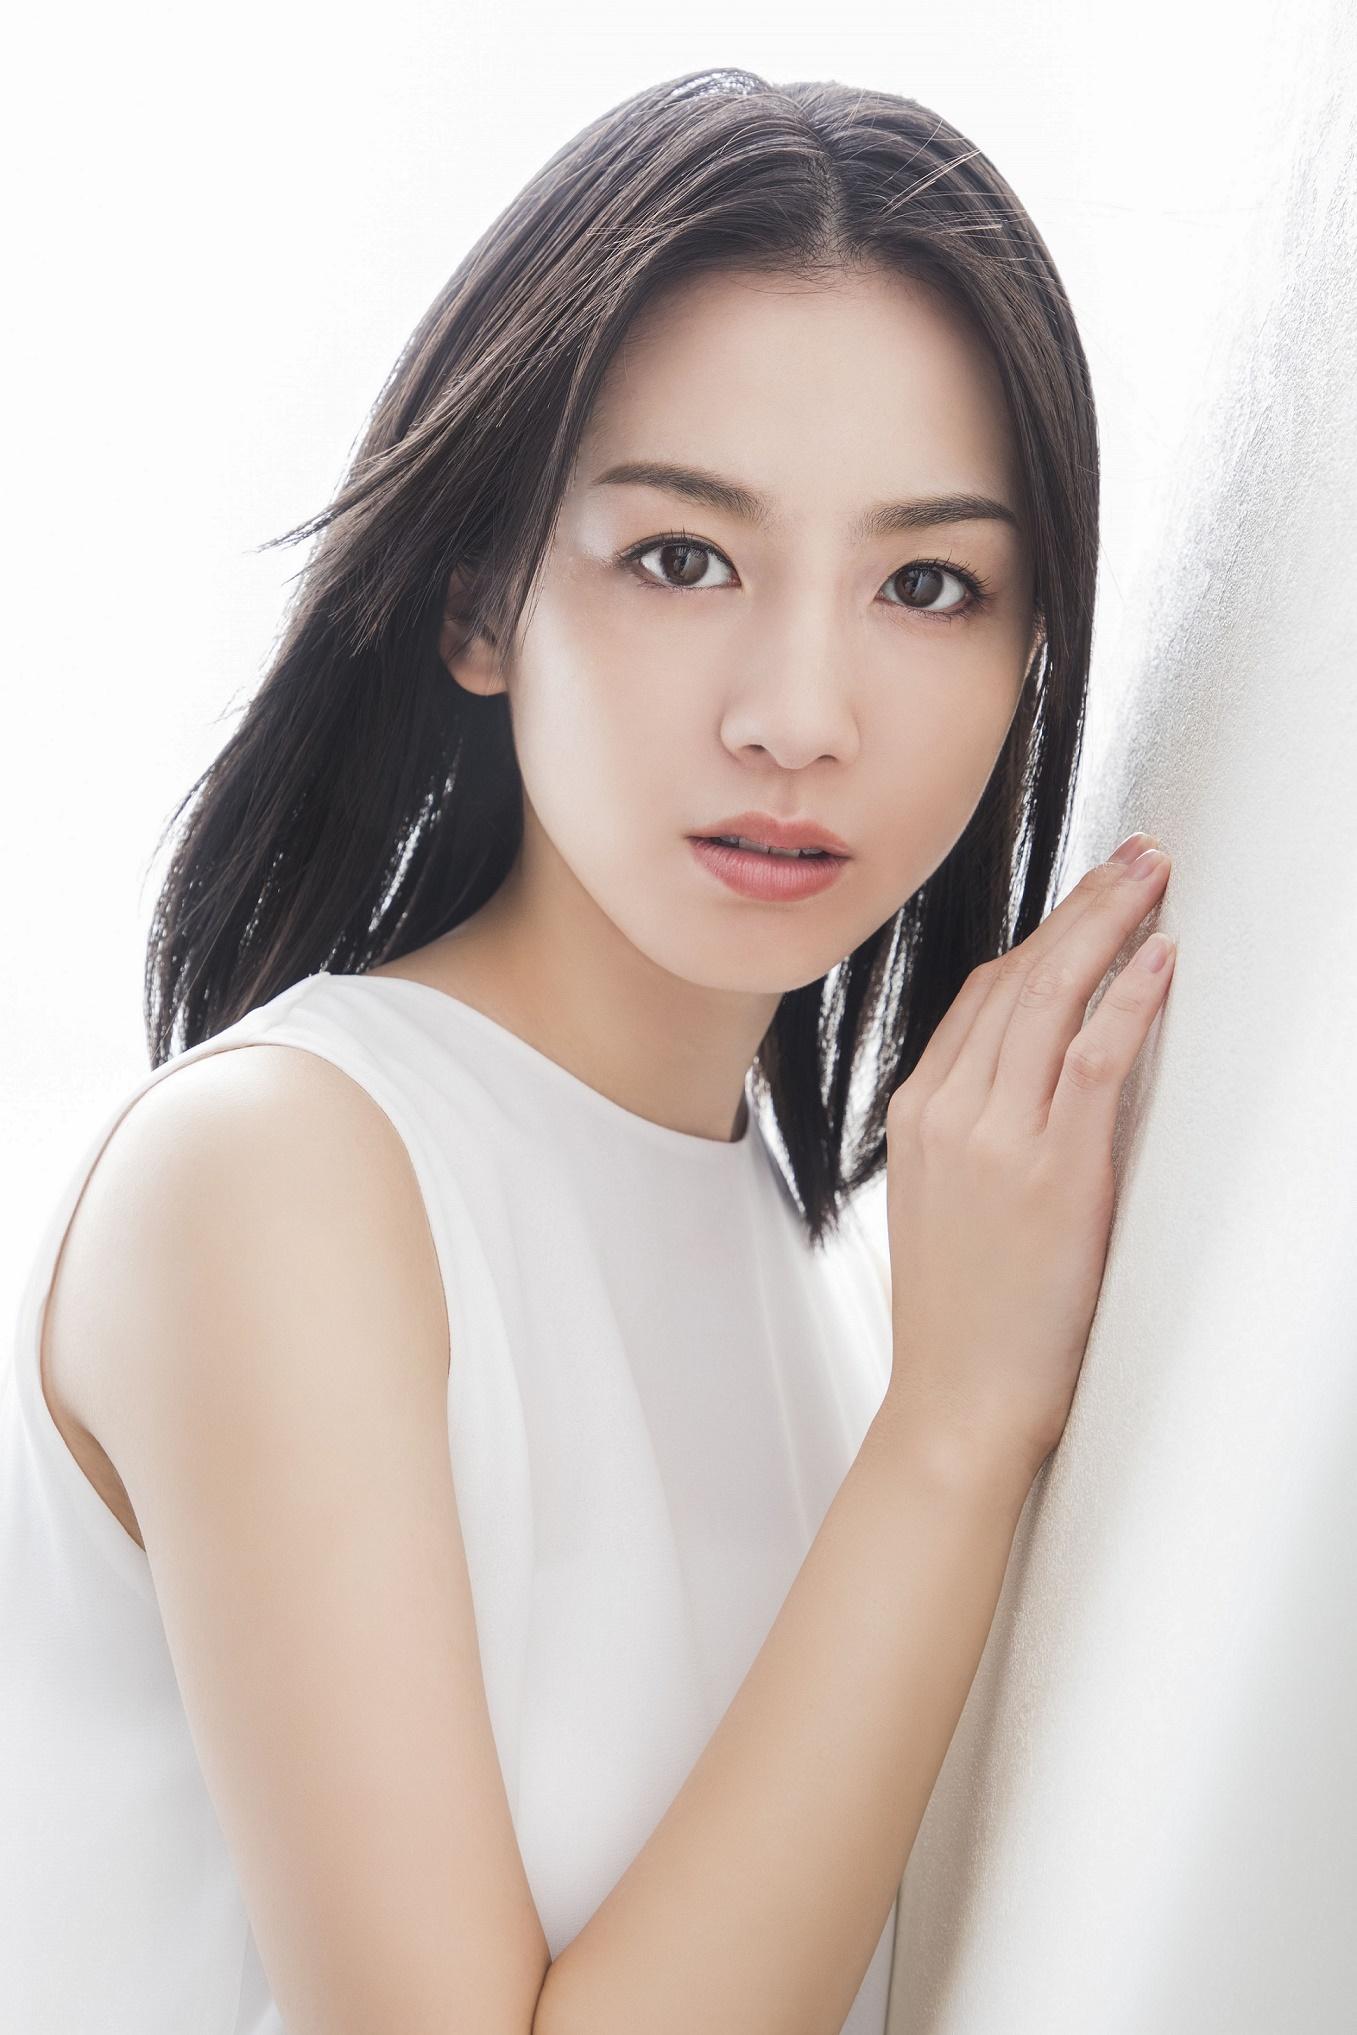 桜庭ななみ(さくらば ななみ/女優 ACTRESS)/ドラマ『13』